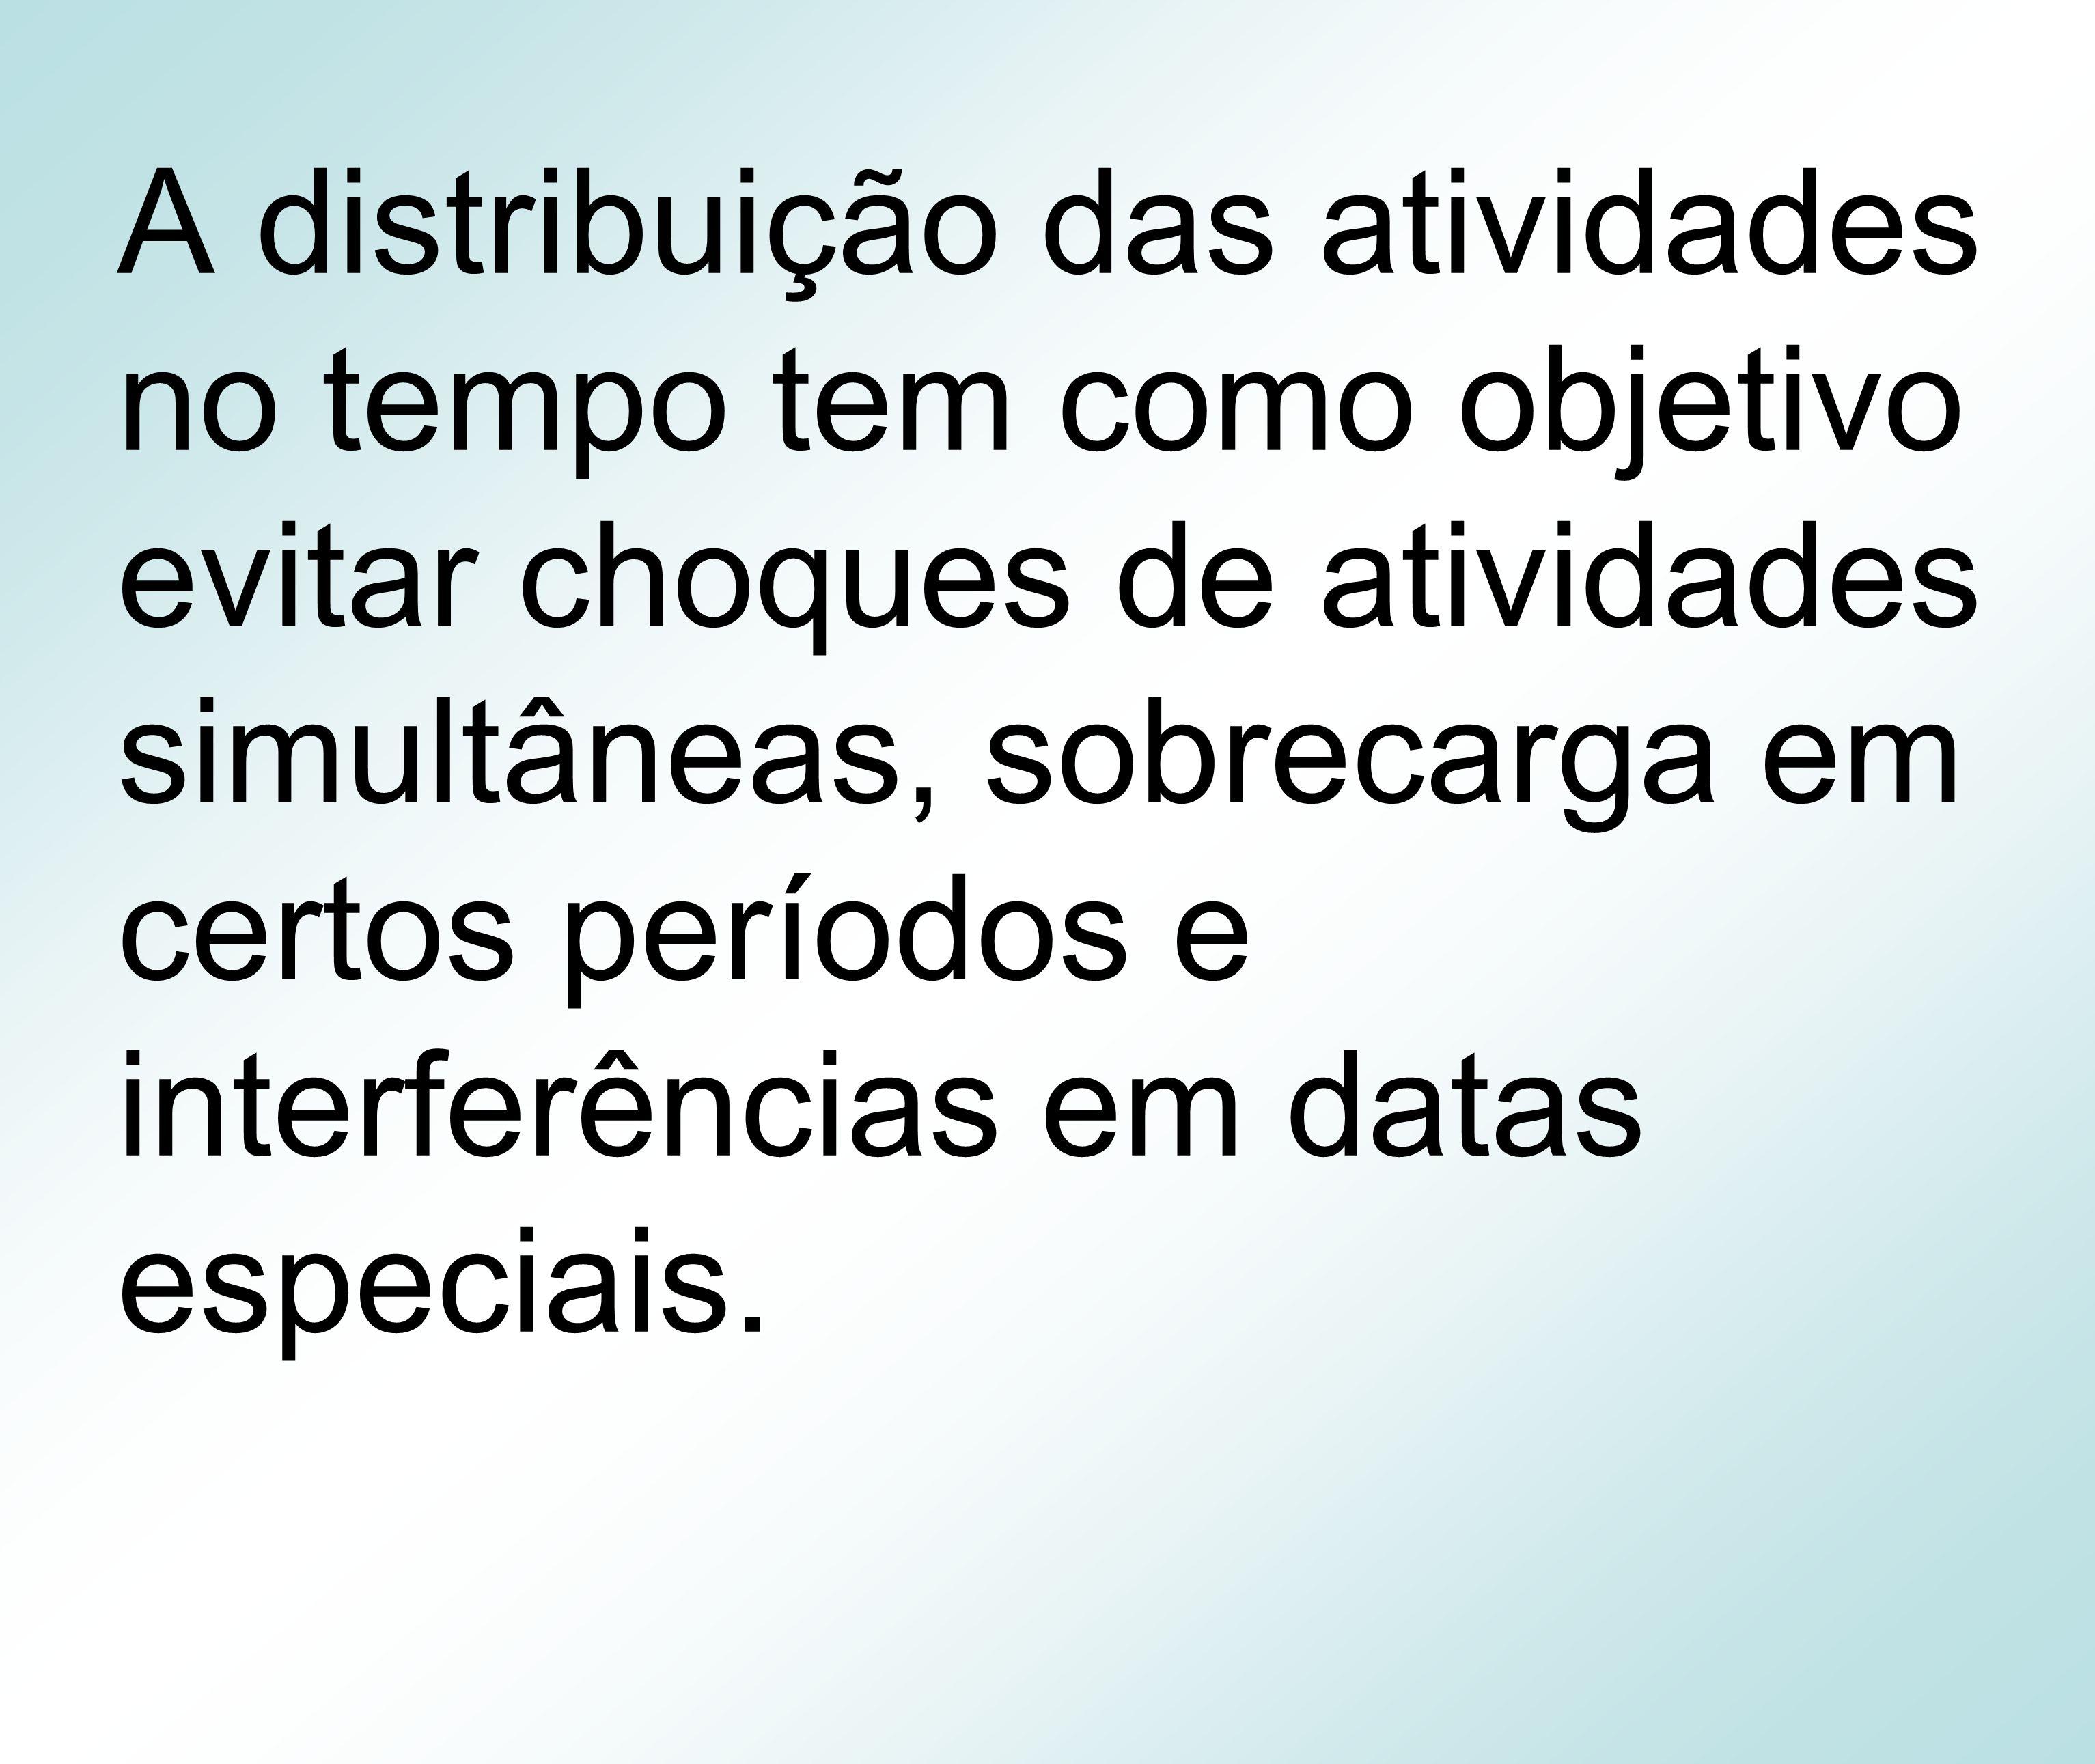 A distribuição das atividades no tempo tem como objetivo evitar choques de atividades simultâneas, sobrecarga em certos períodos e interferências em datas especiais.